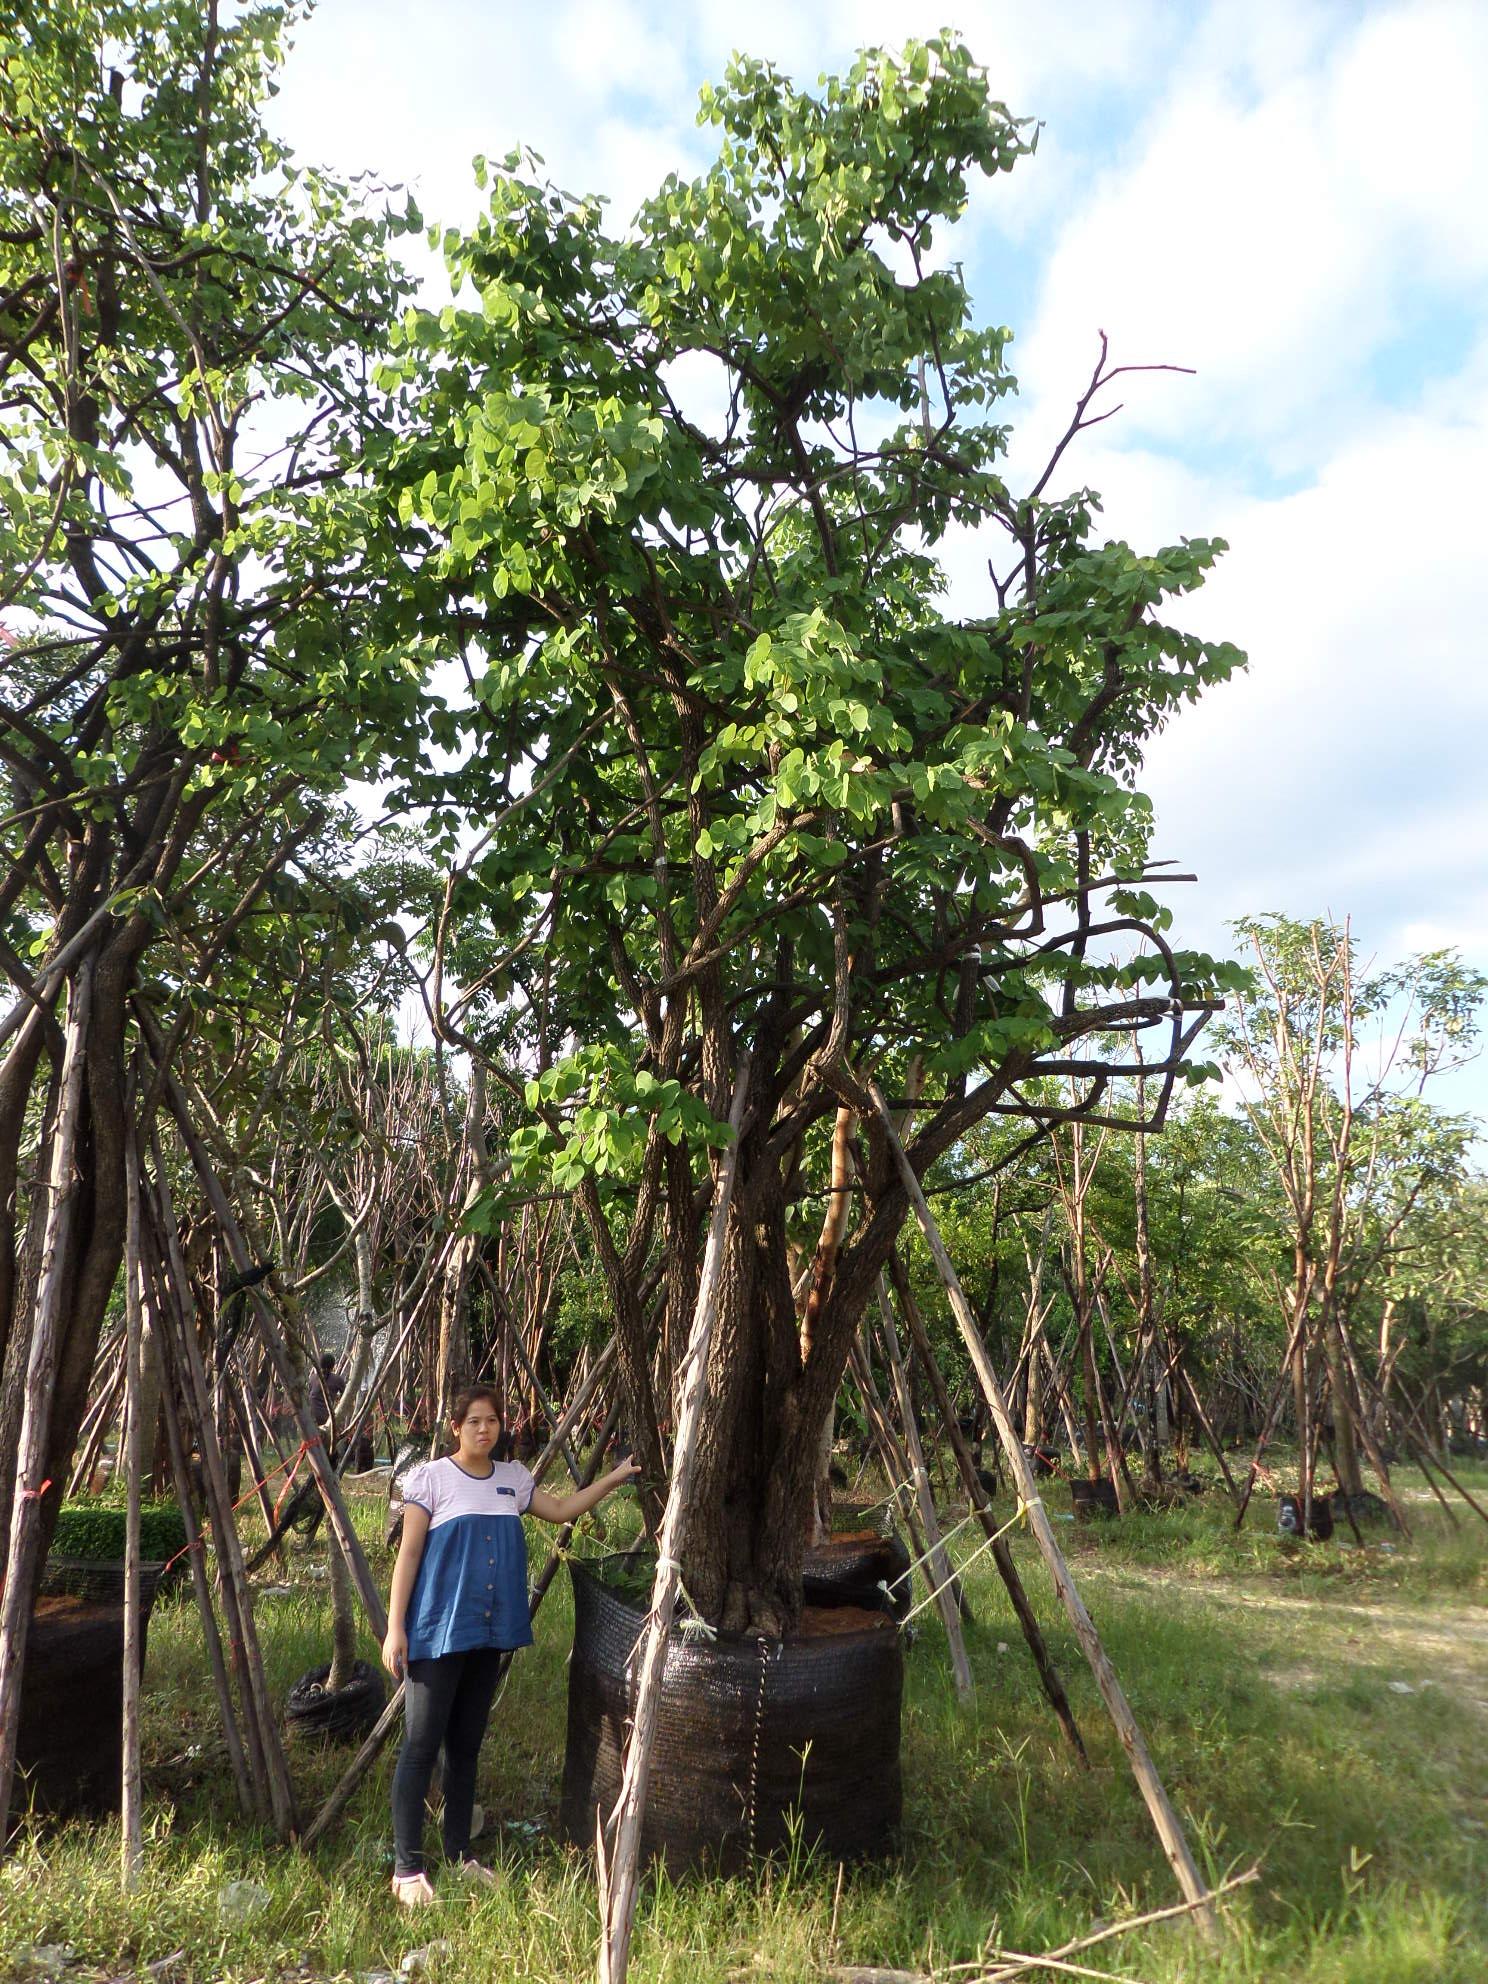 ขายต้นชงโคป่า เสี้ยวป่า